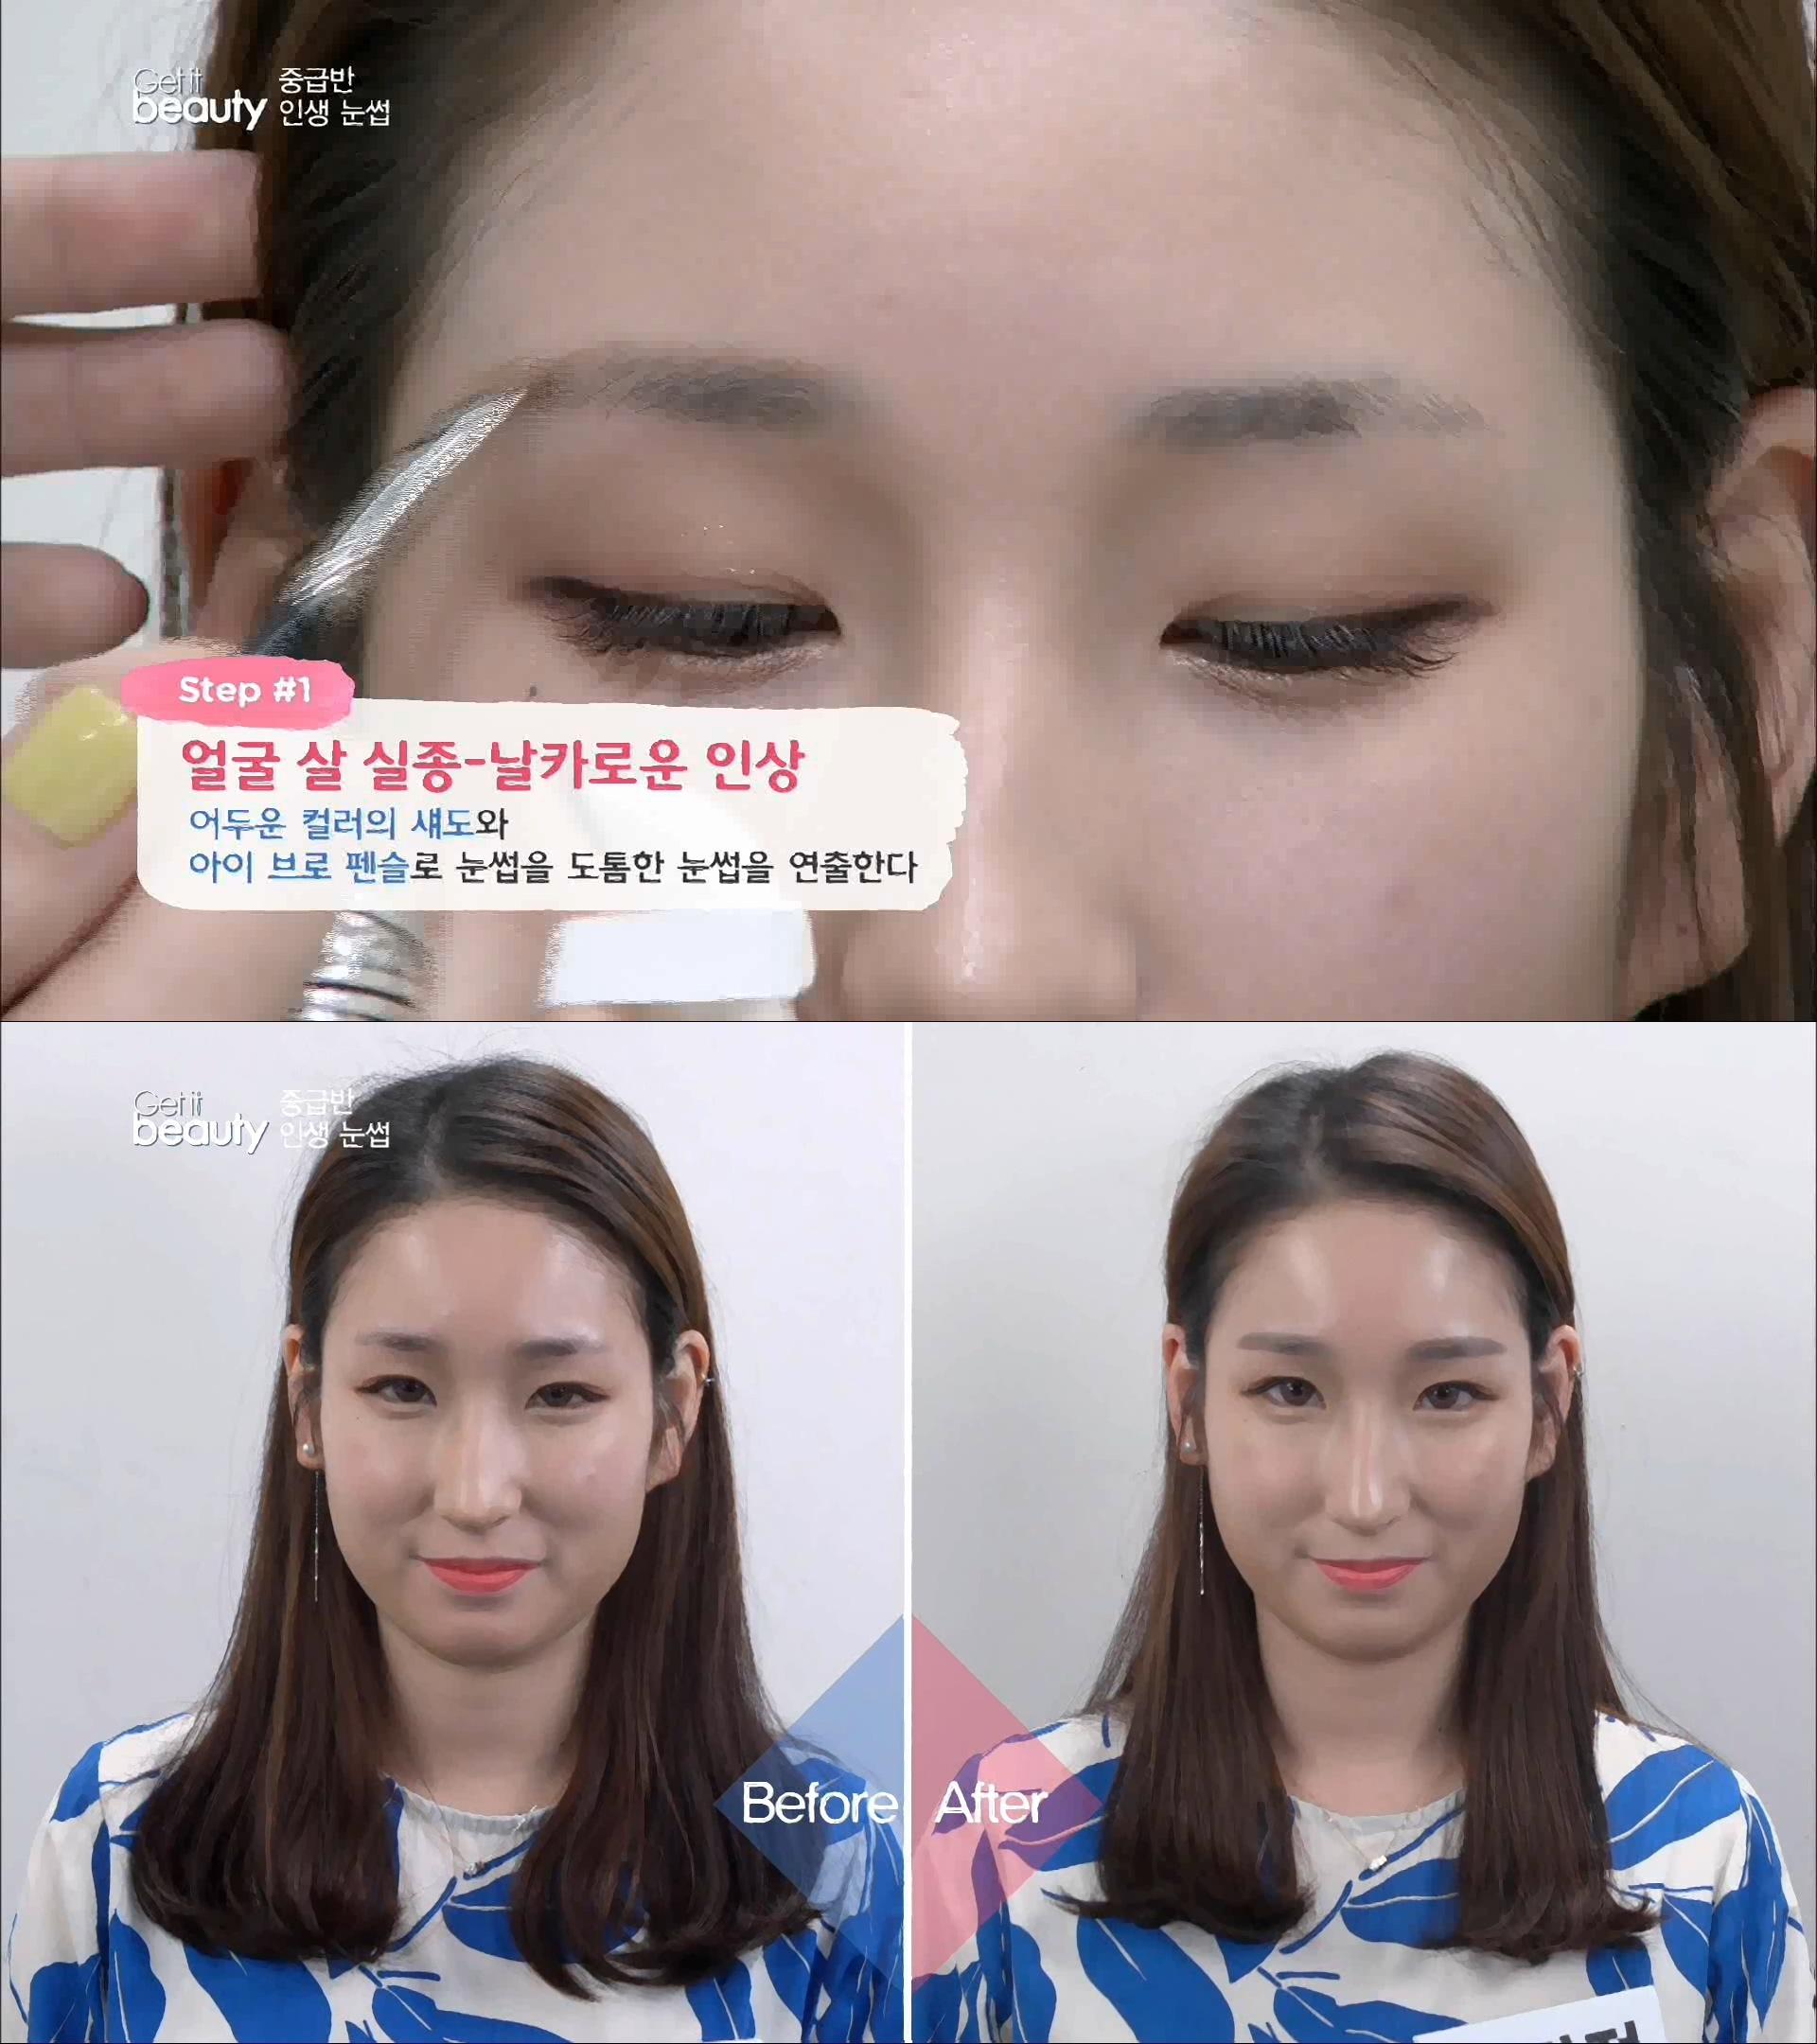 首先應該要讓整體眉毛的厚度加重,使用眉粉與眉筆加重後段的部分,讓本來很平的眉毛,看起來有點圓潤!這麼一來,臉型看起來也不會太窄長喔!